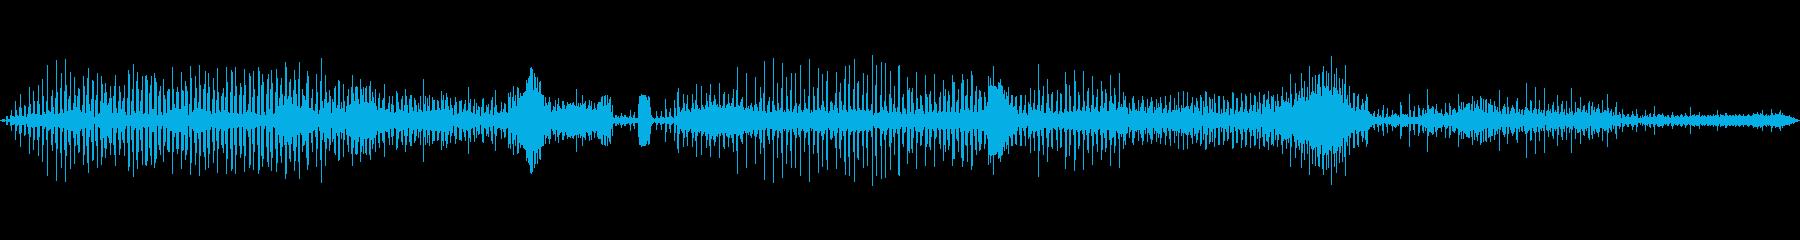 ラジオスキャン8の調整の再生済みの波形